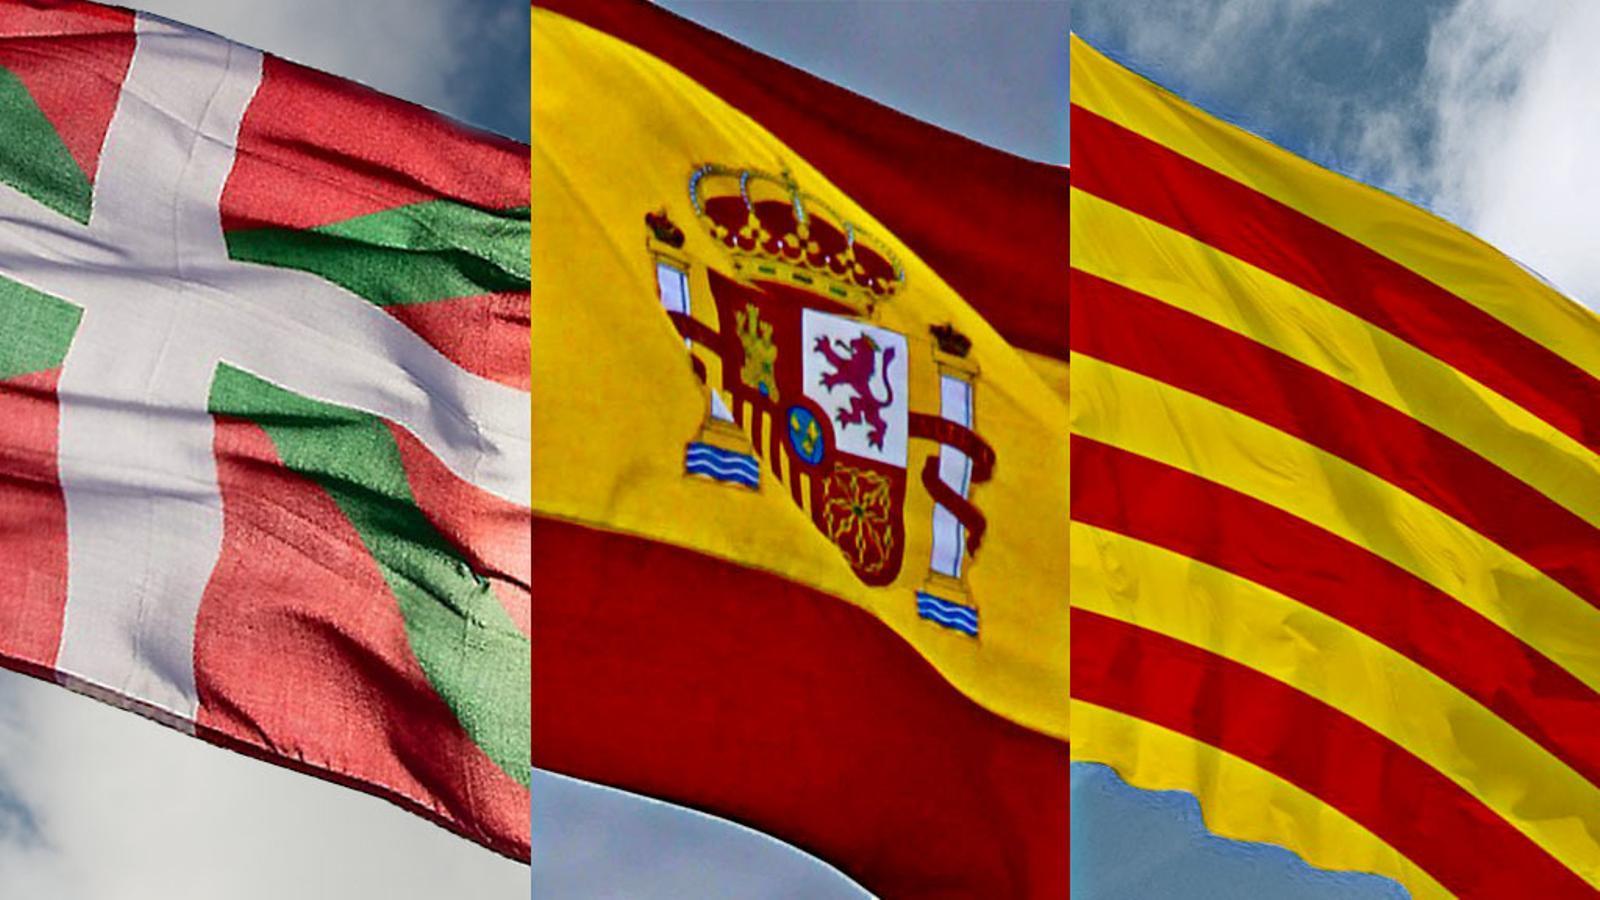 L'anàlisi d'Antoni Bassas: 'El final d'ETA i el relat de l'Estat a Catalunya'